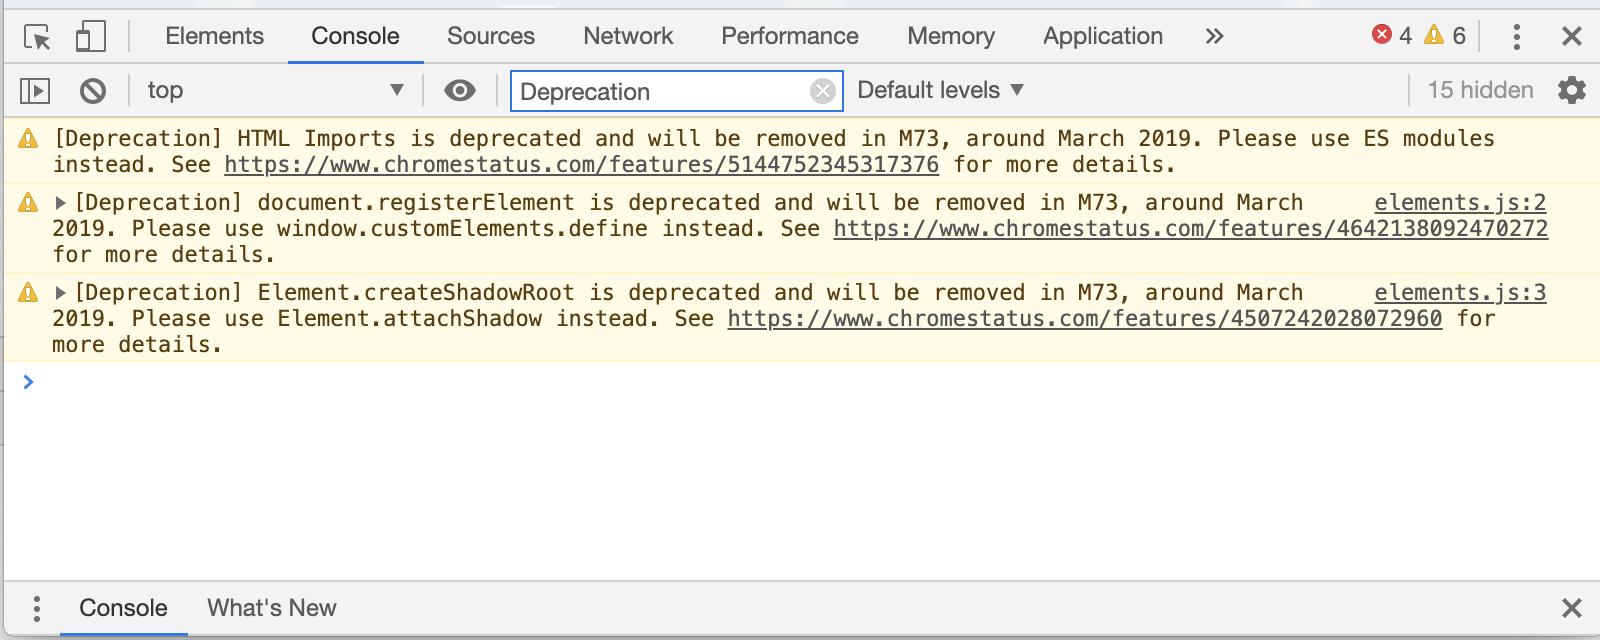 Console window showing deprecation warnings